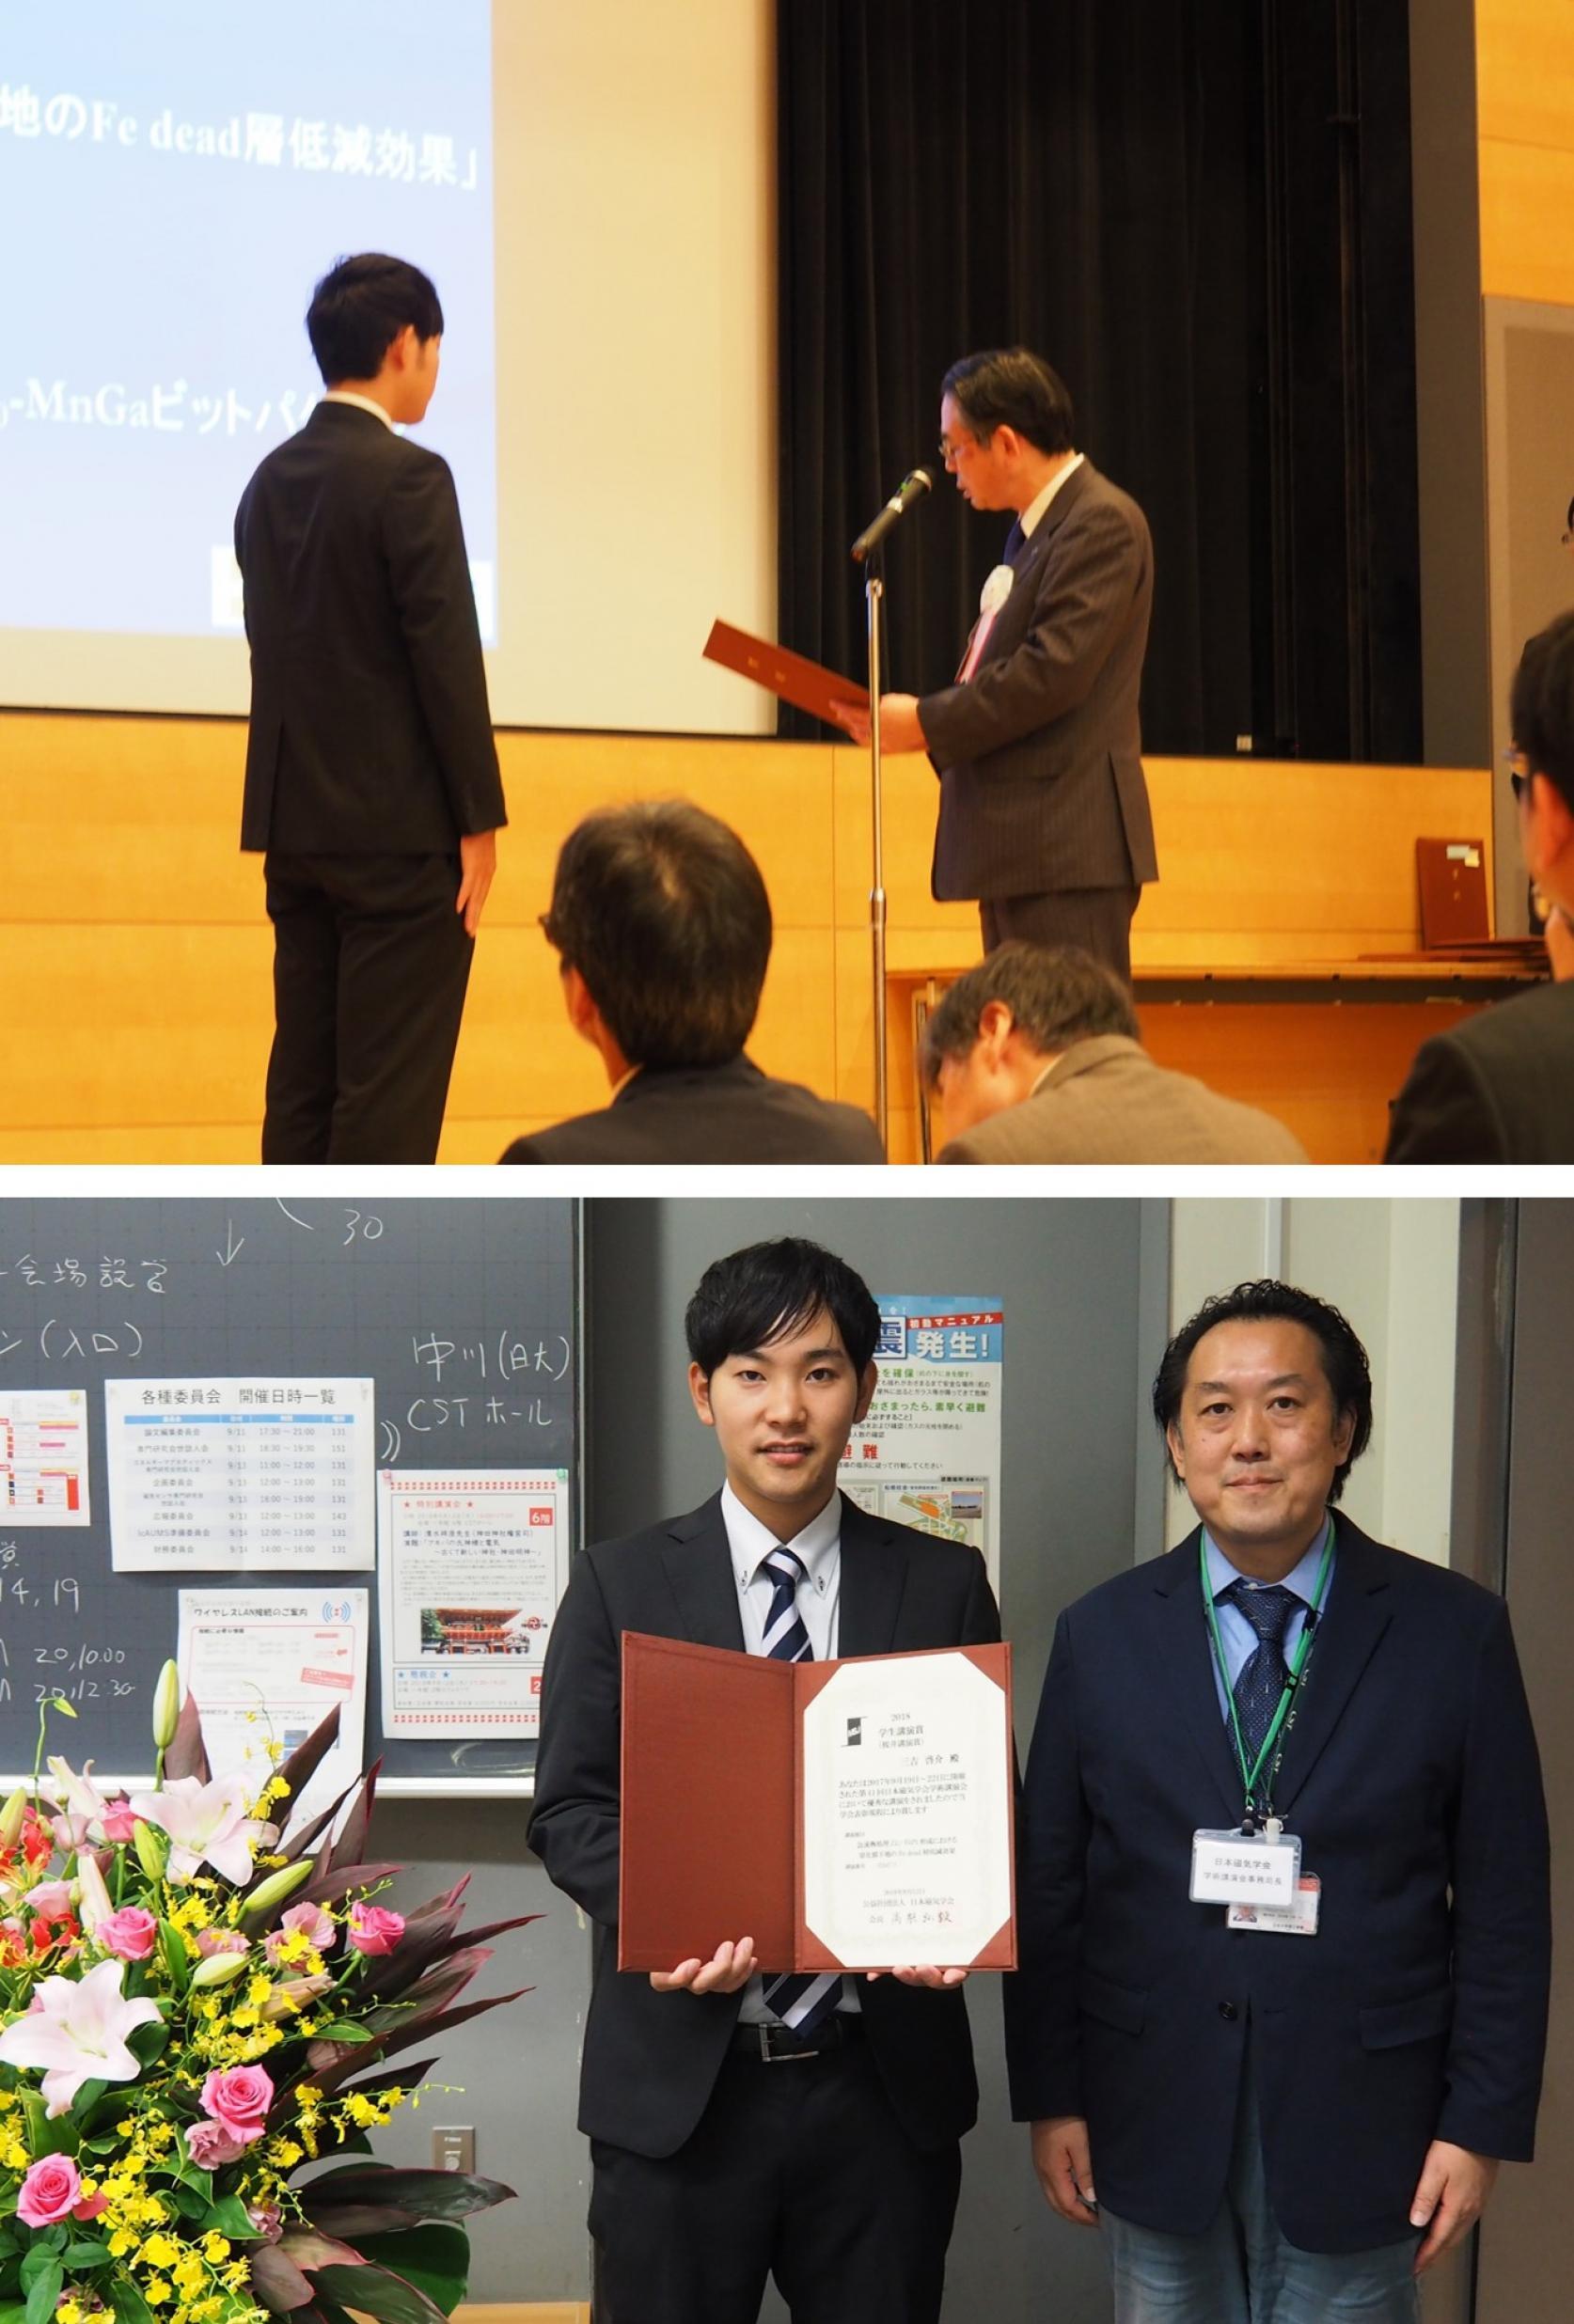 電子工学専攻 博士前期課程2年 塚本研究室の三吉啓介さんが「第41回日本磁気学会」において桜井講演賞を受賞しました。